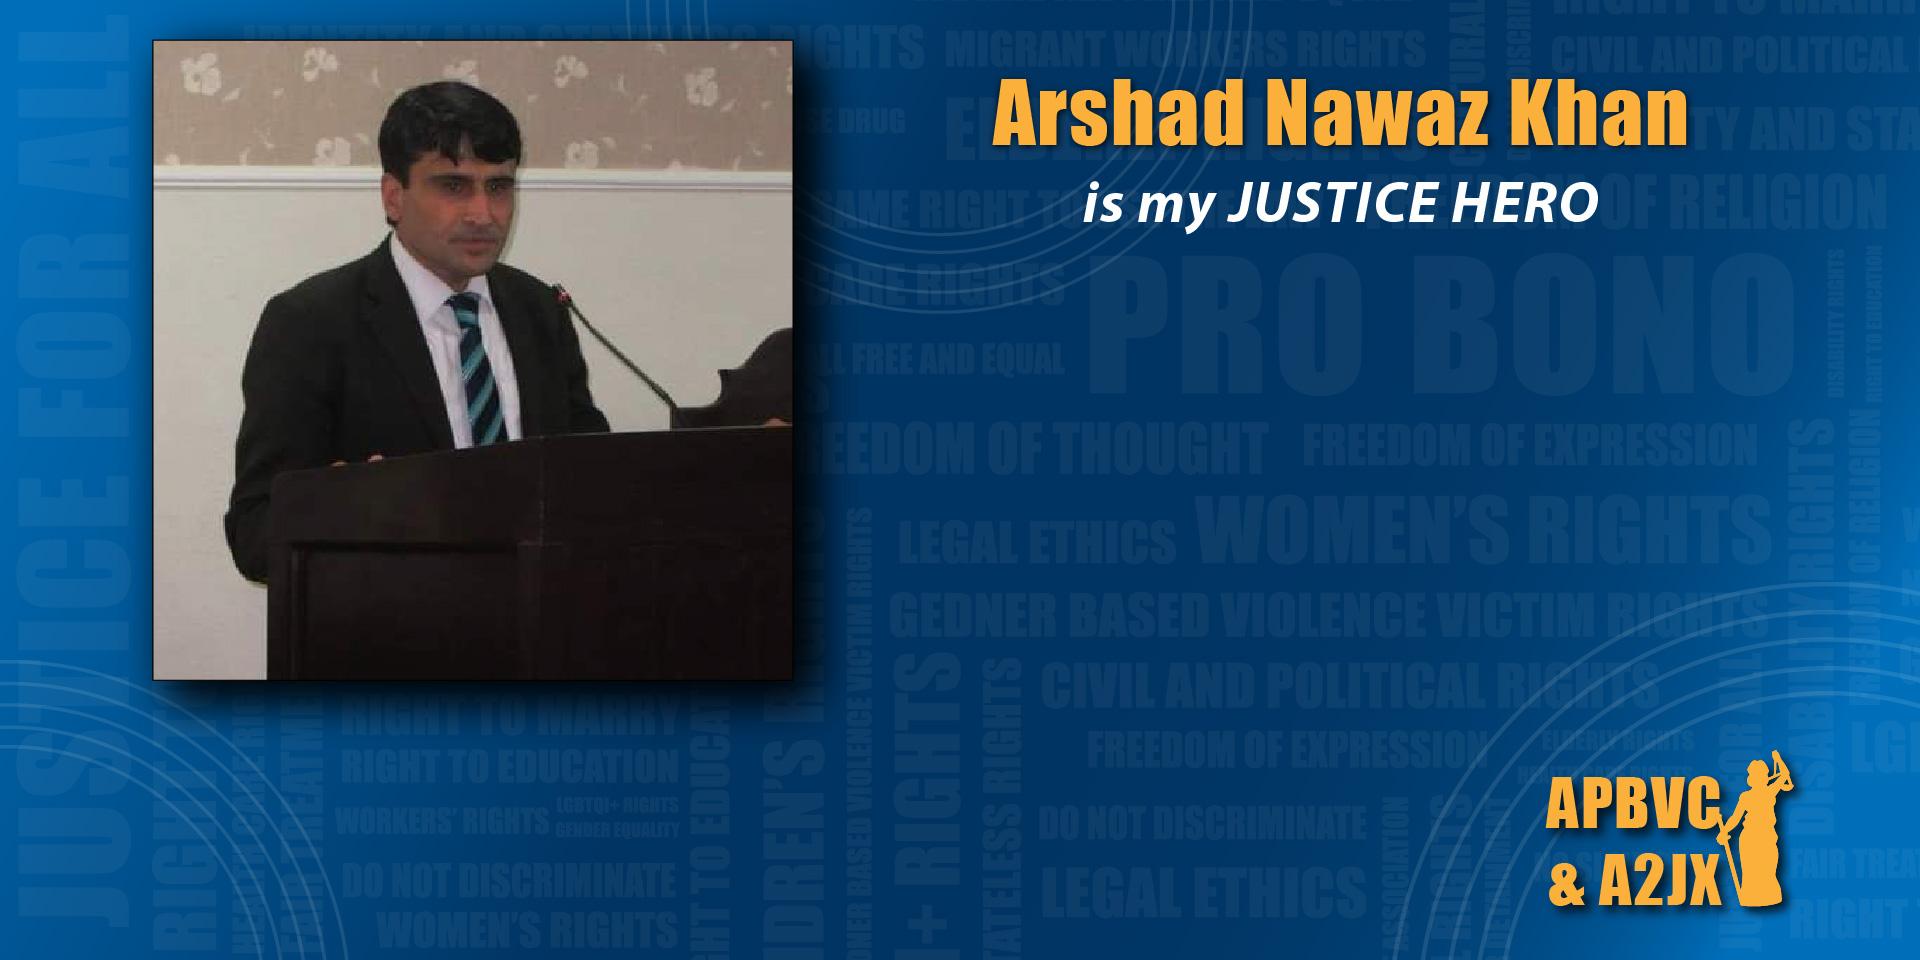 Arshad Nawaz Khan